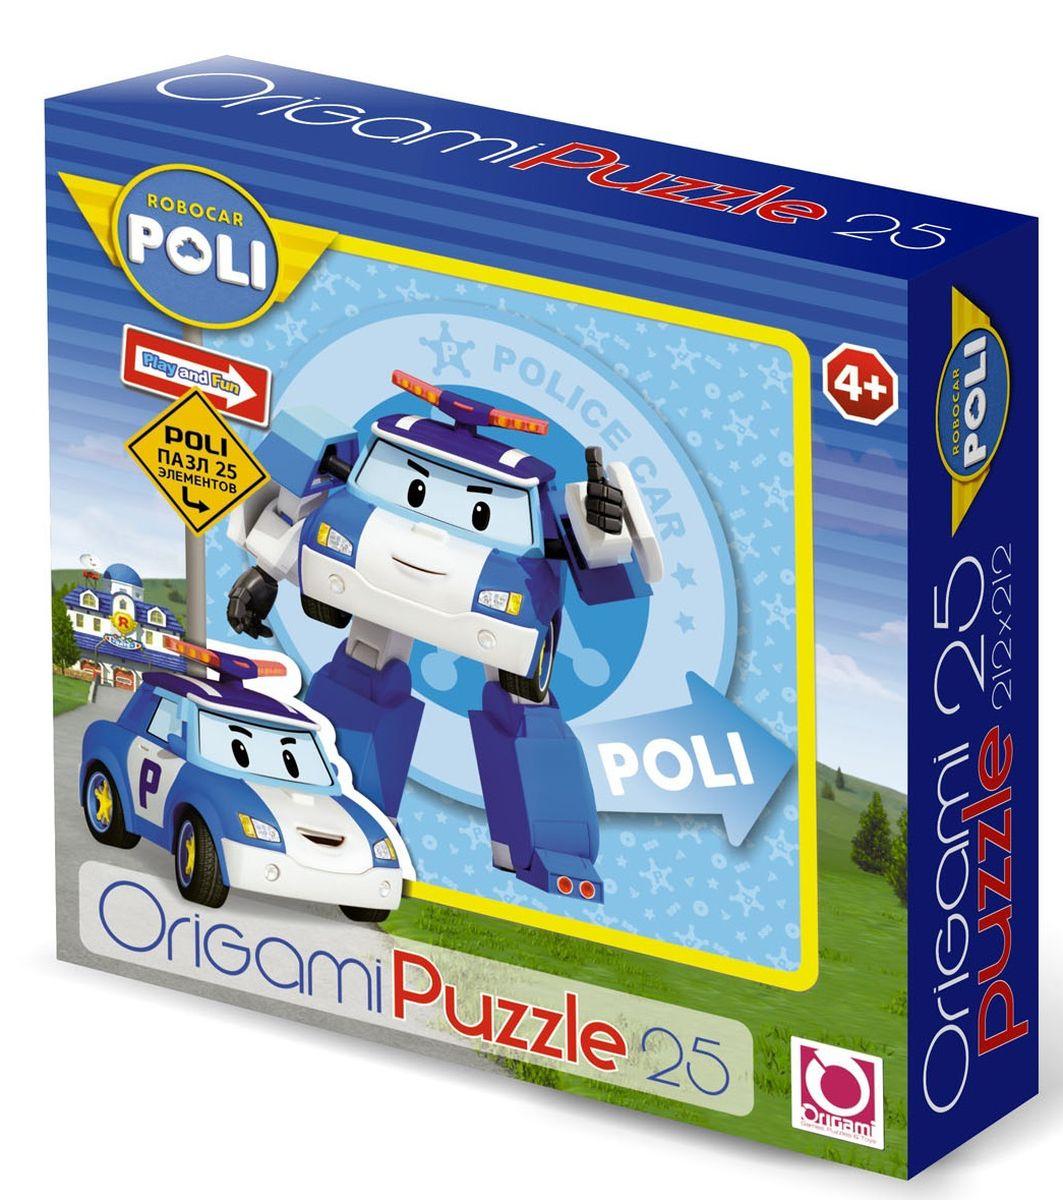 Оригами Пазл для малышей Robocar Poli 00160 оригами пазл для малышей цыпленок с подарком